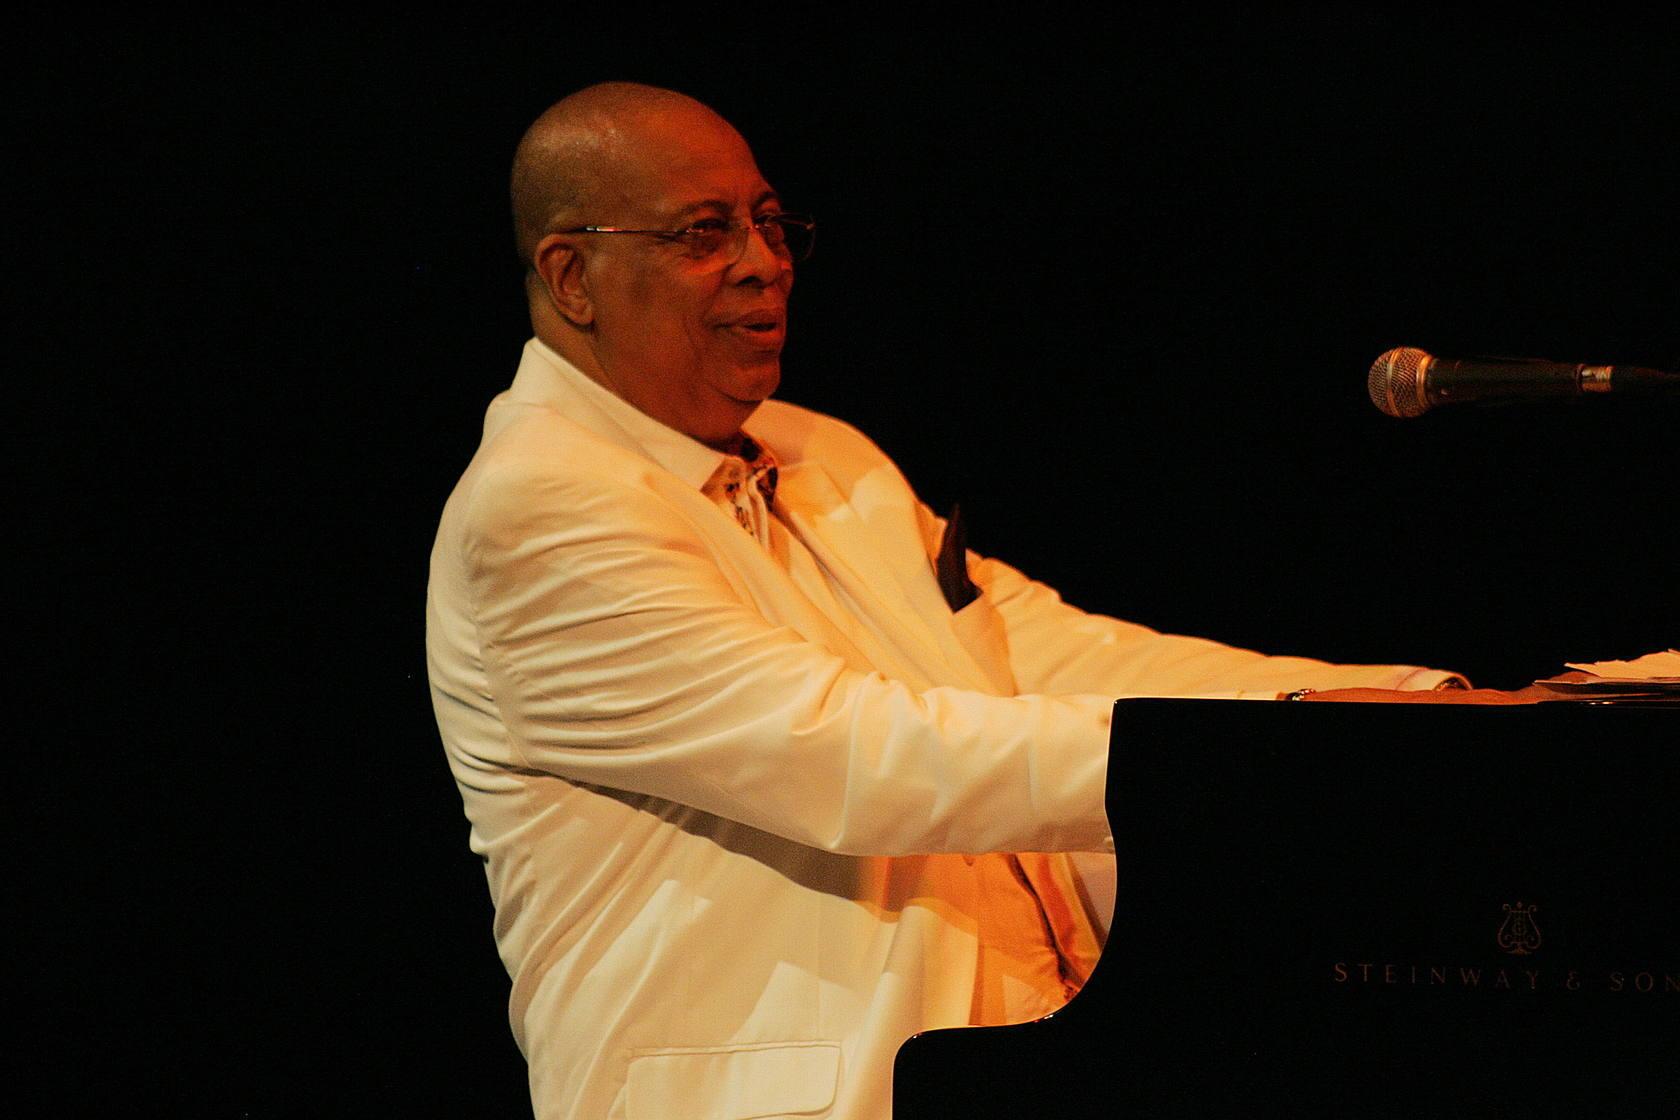 Las mejores imágenes del concierto de Chucho Valdés